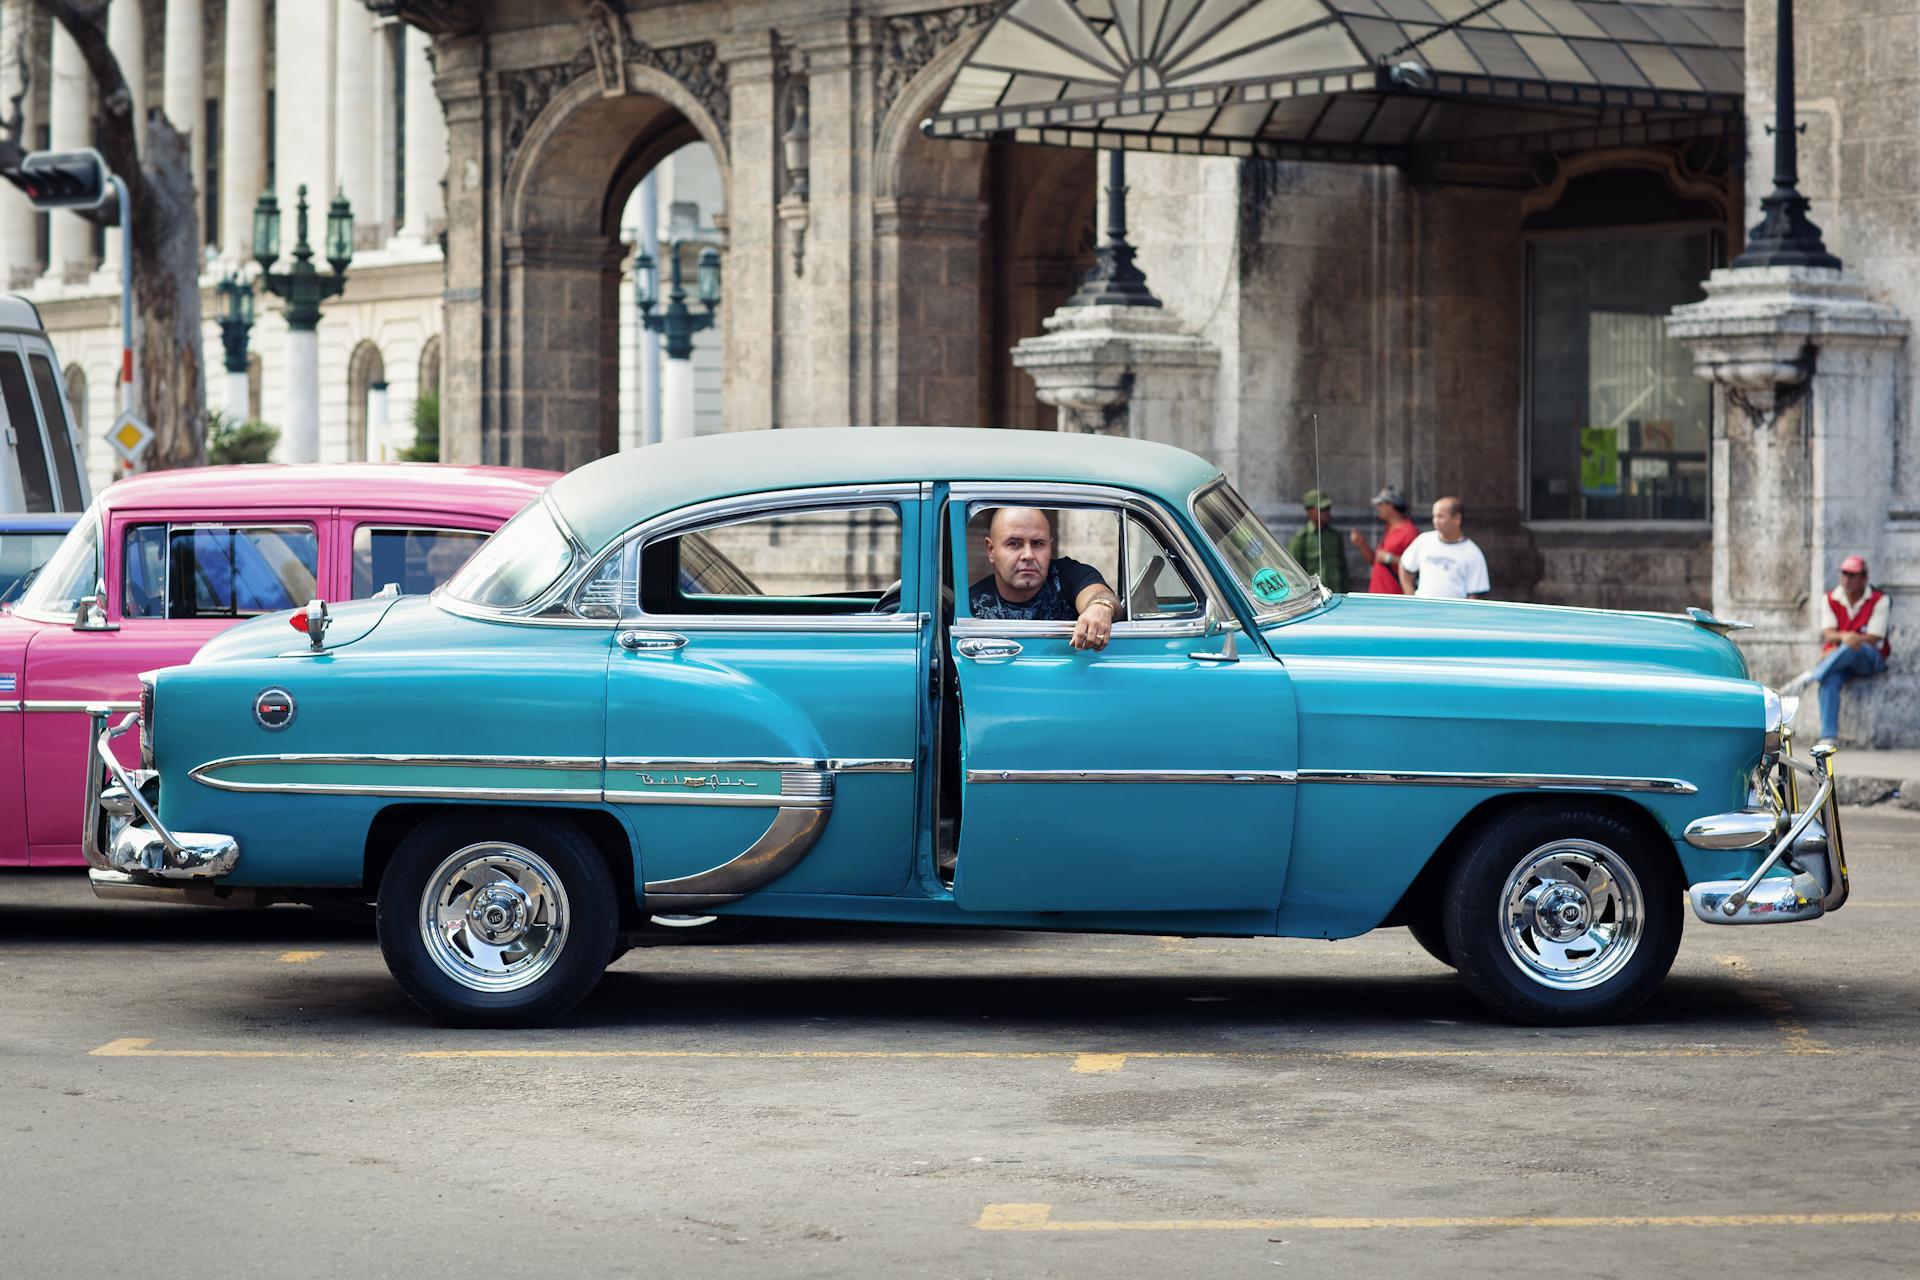 Cuba-Havana-Travel-Old-Car-Taxi.JPG